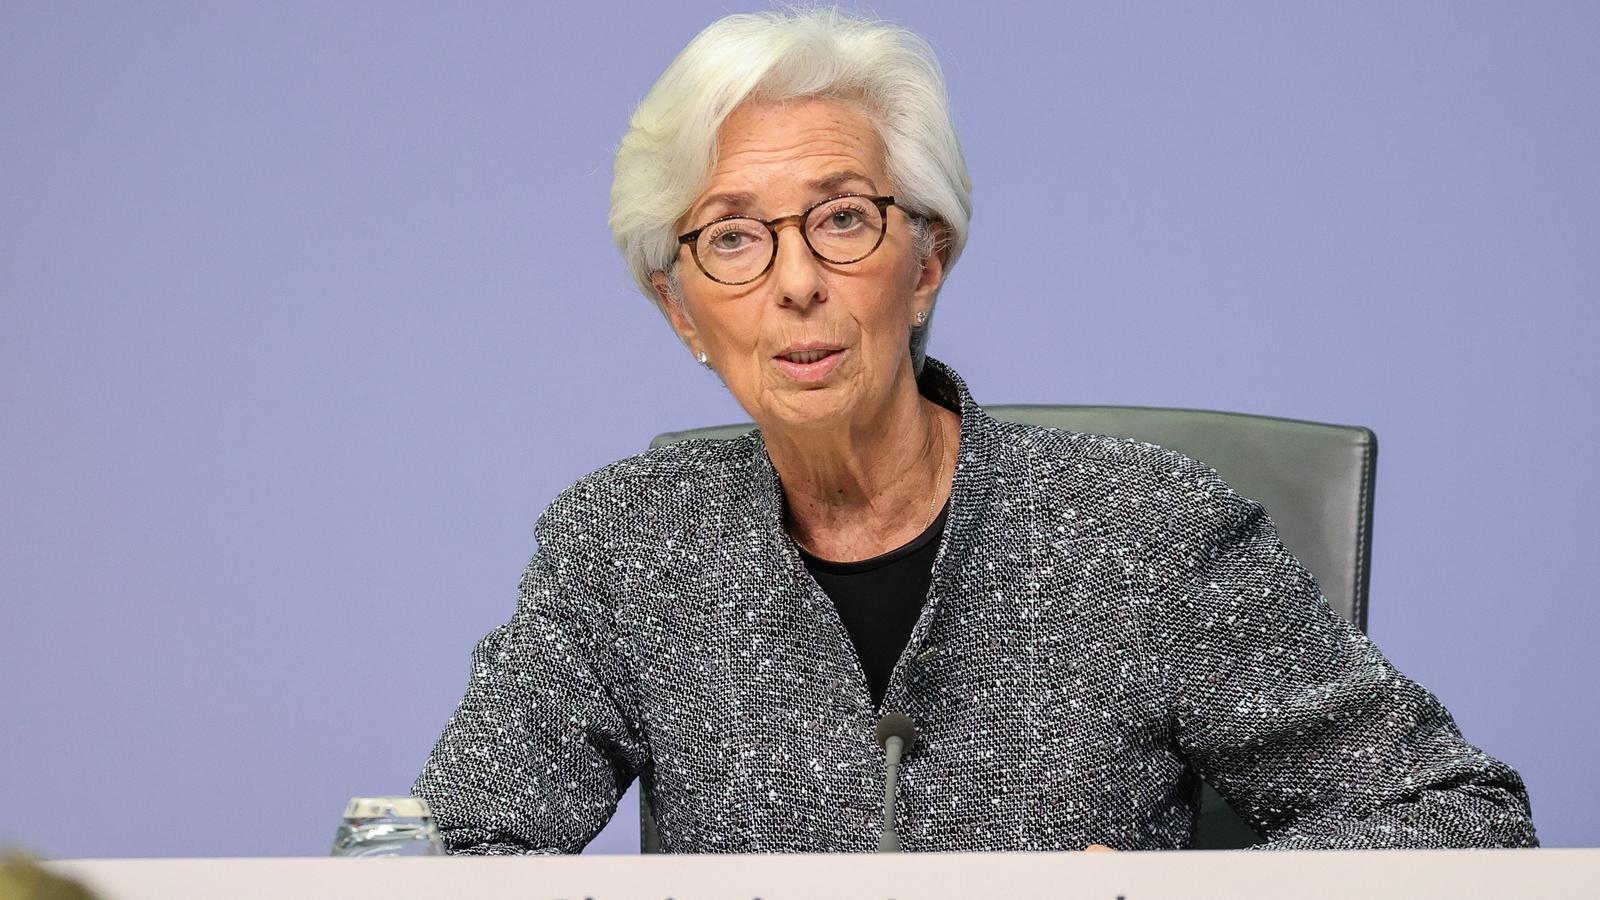 El BCE demana tranferències a fons perdut per als països europeus afectats per la pandèmia